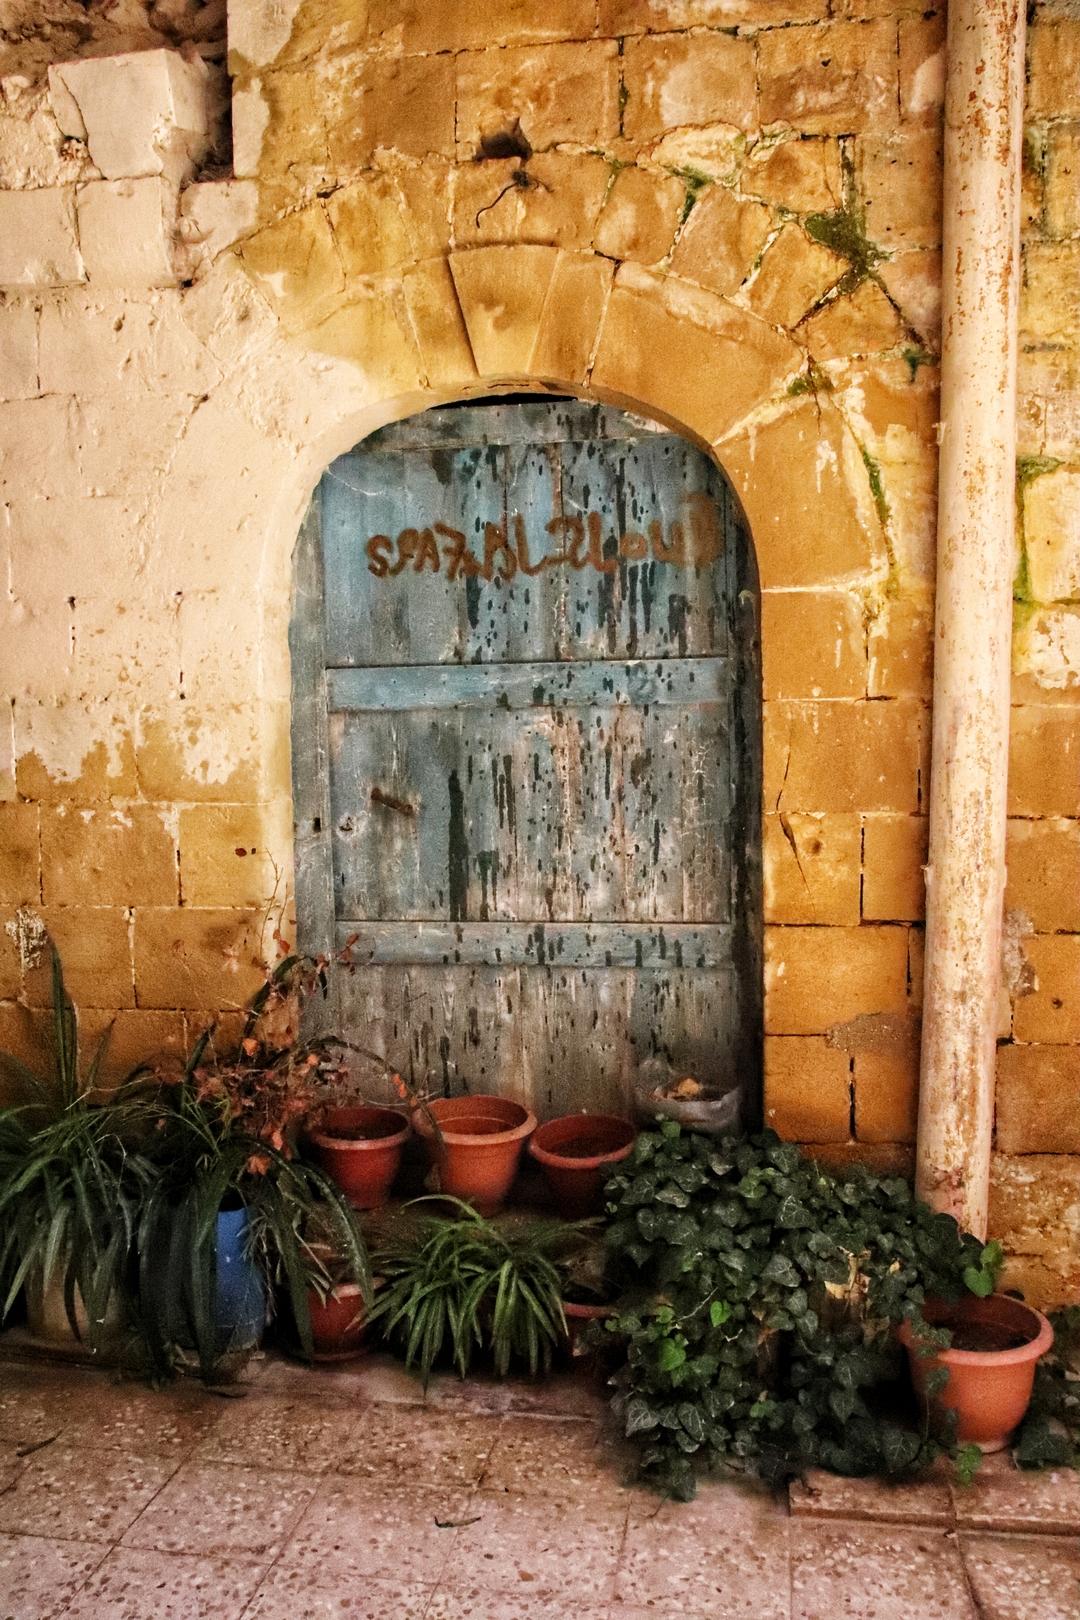 Jordanie - Visite de la vieille ville de Salt avec ses maisons ottomanes